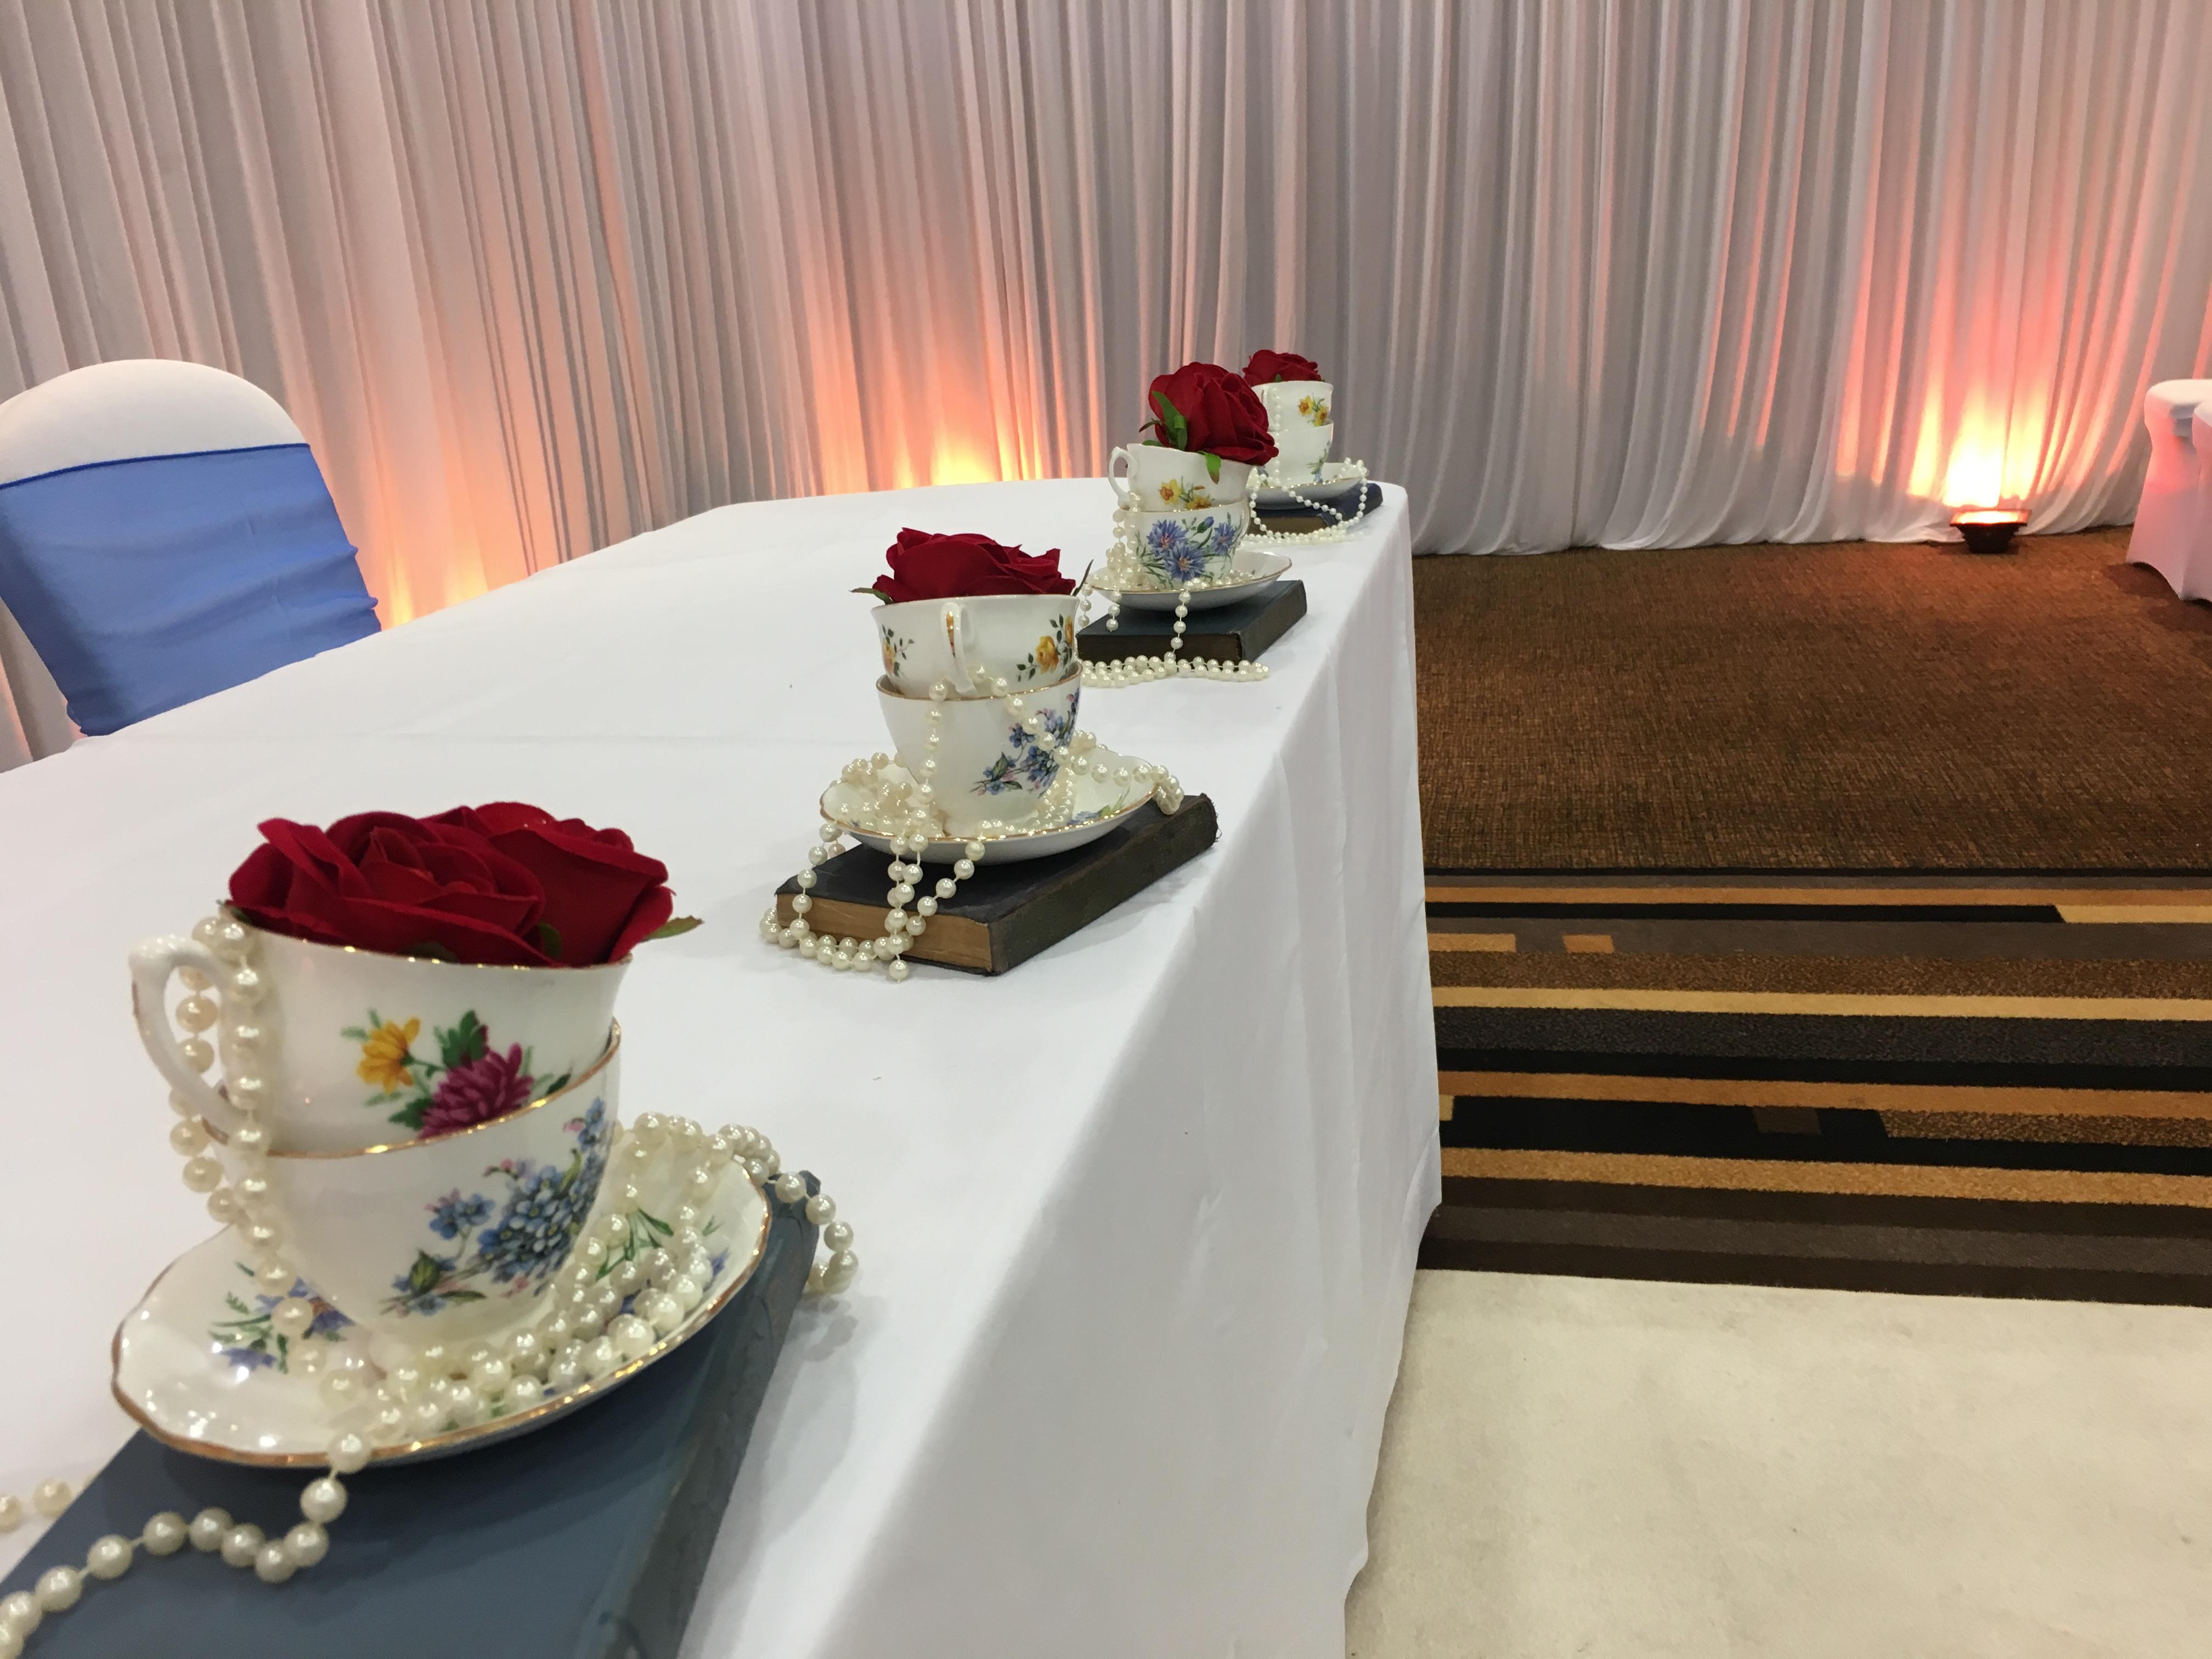 Tea Cups Decor - Mercure Sheffield Sophia's Final Touch - Venue Styling - Weddings